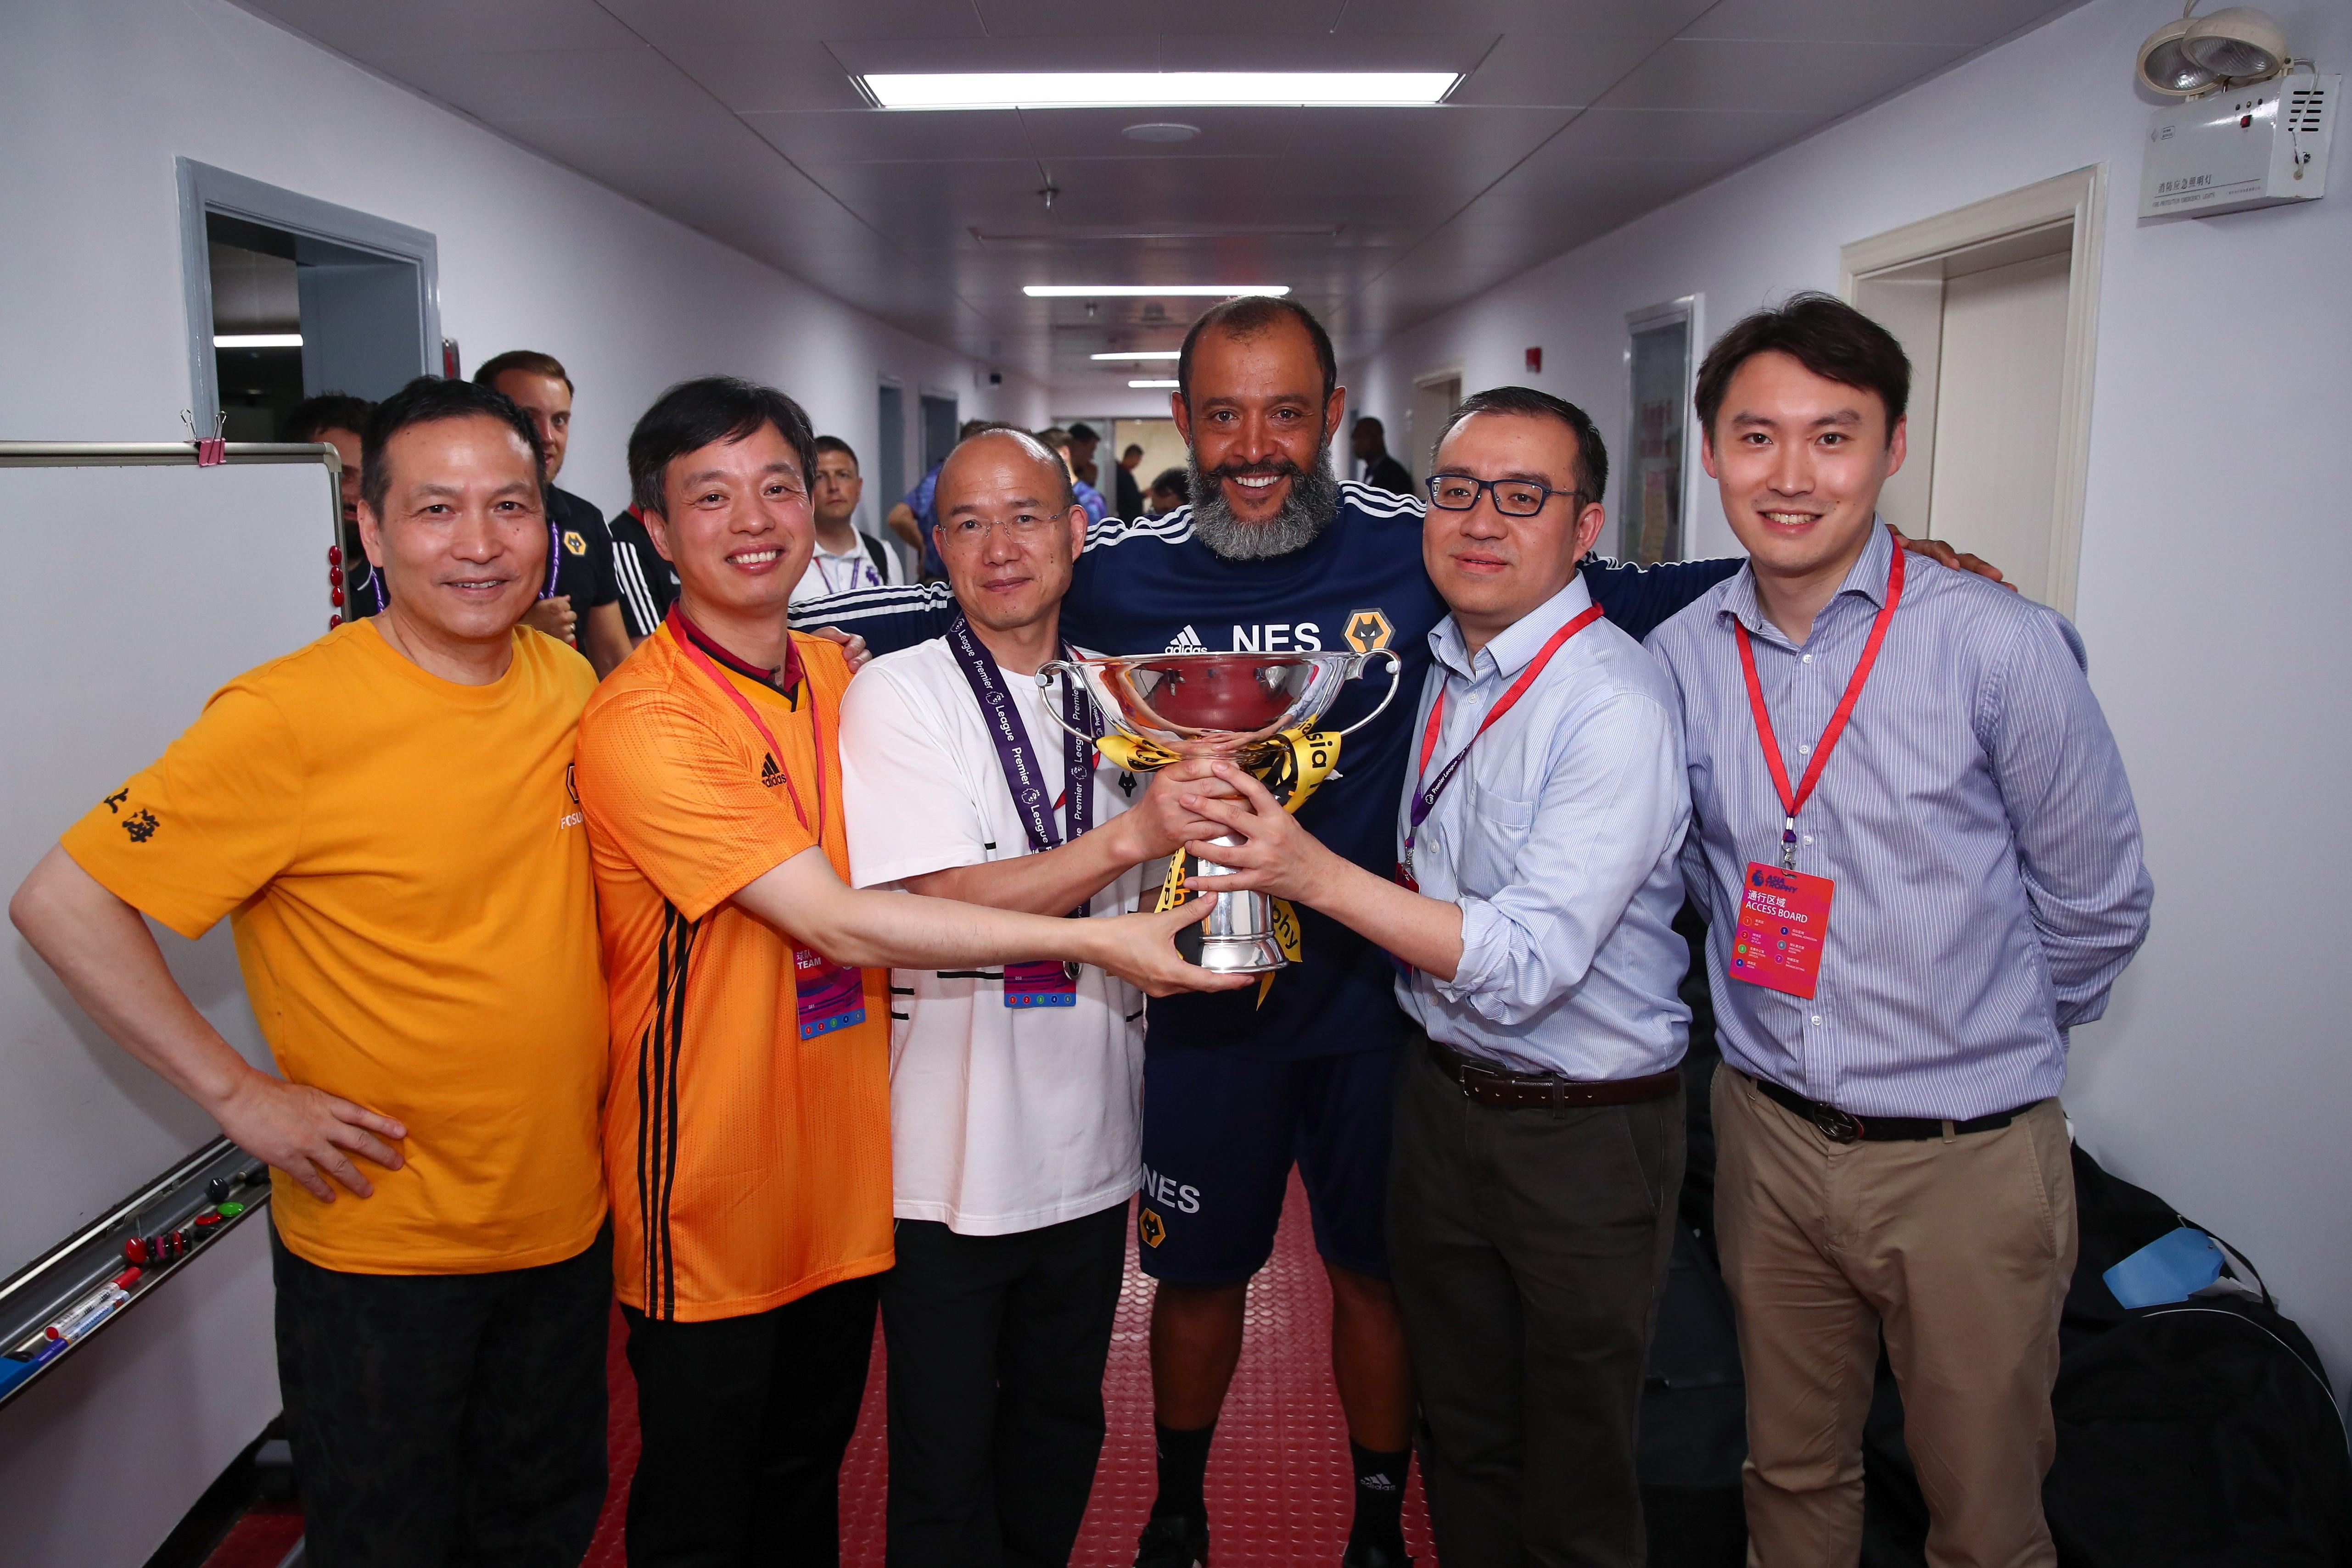 在复星的家门口赢得英超亚洲杯冠军!